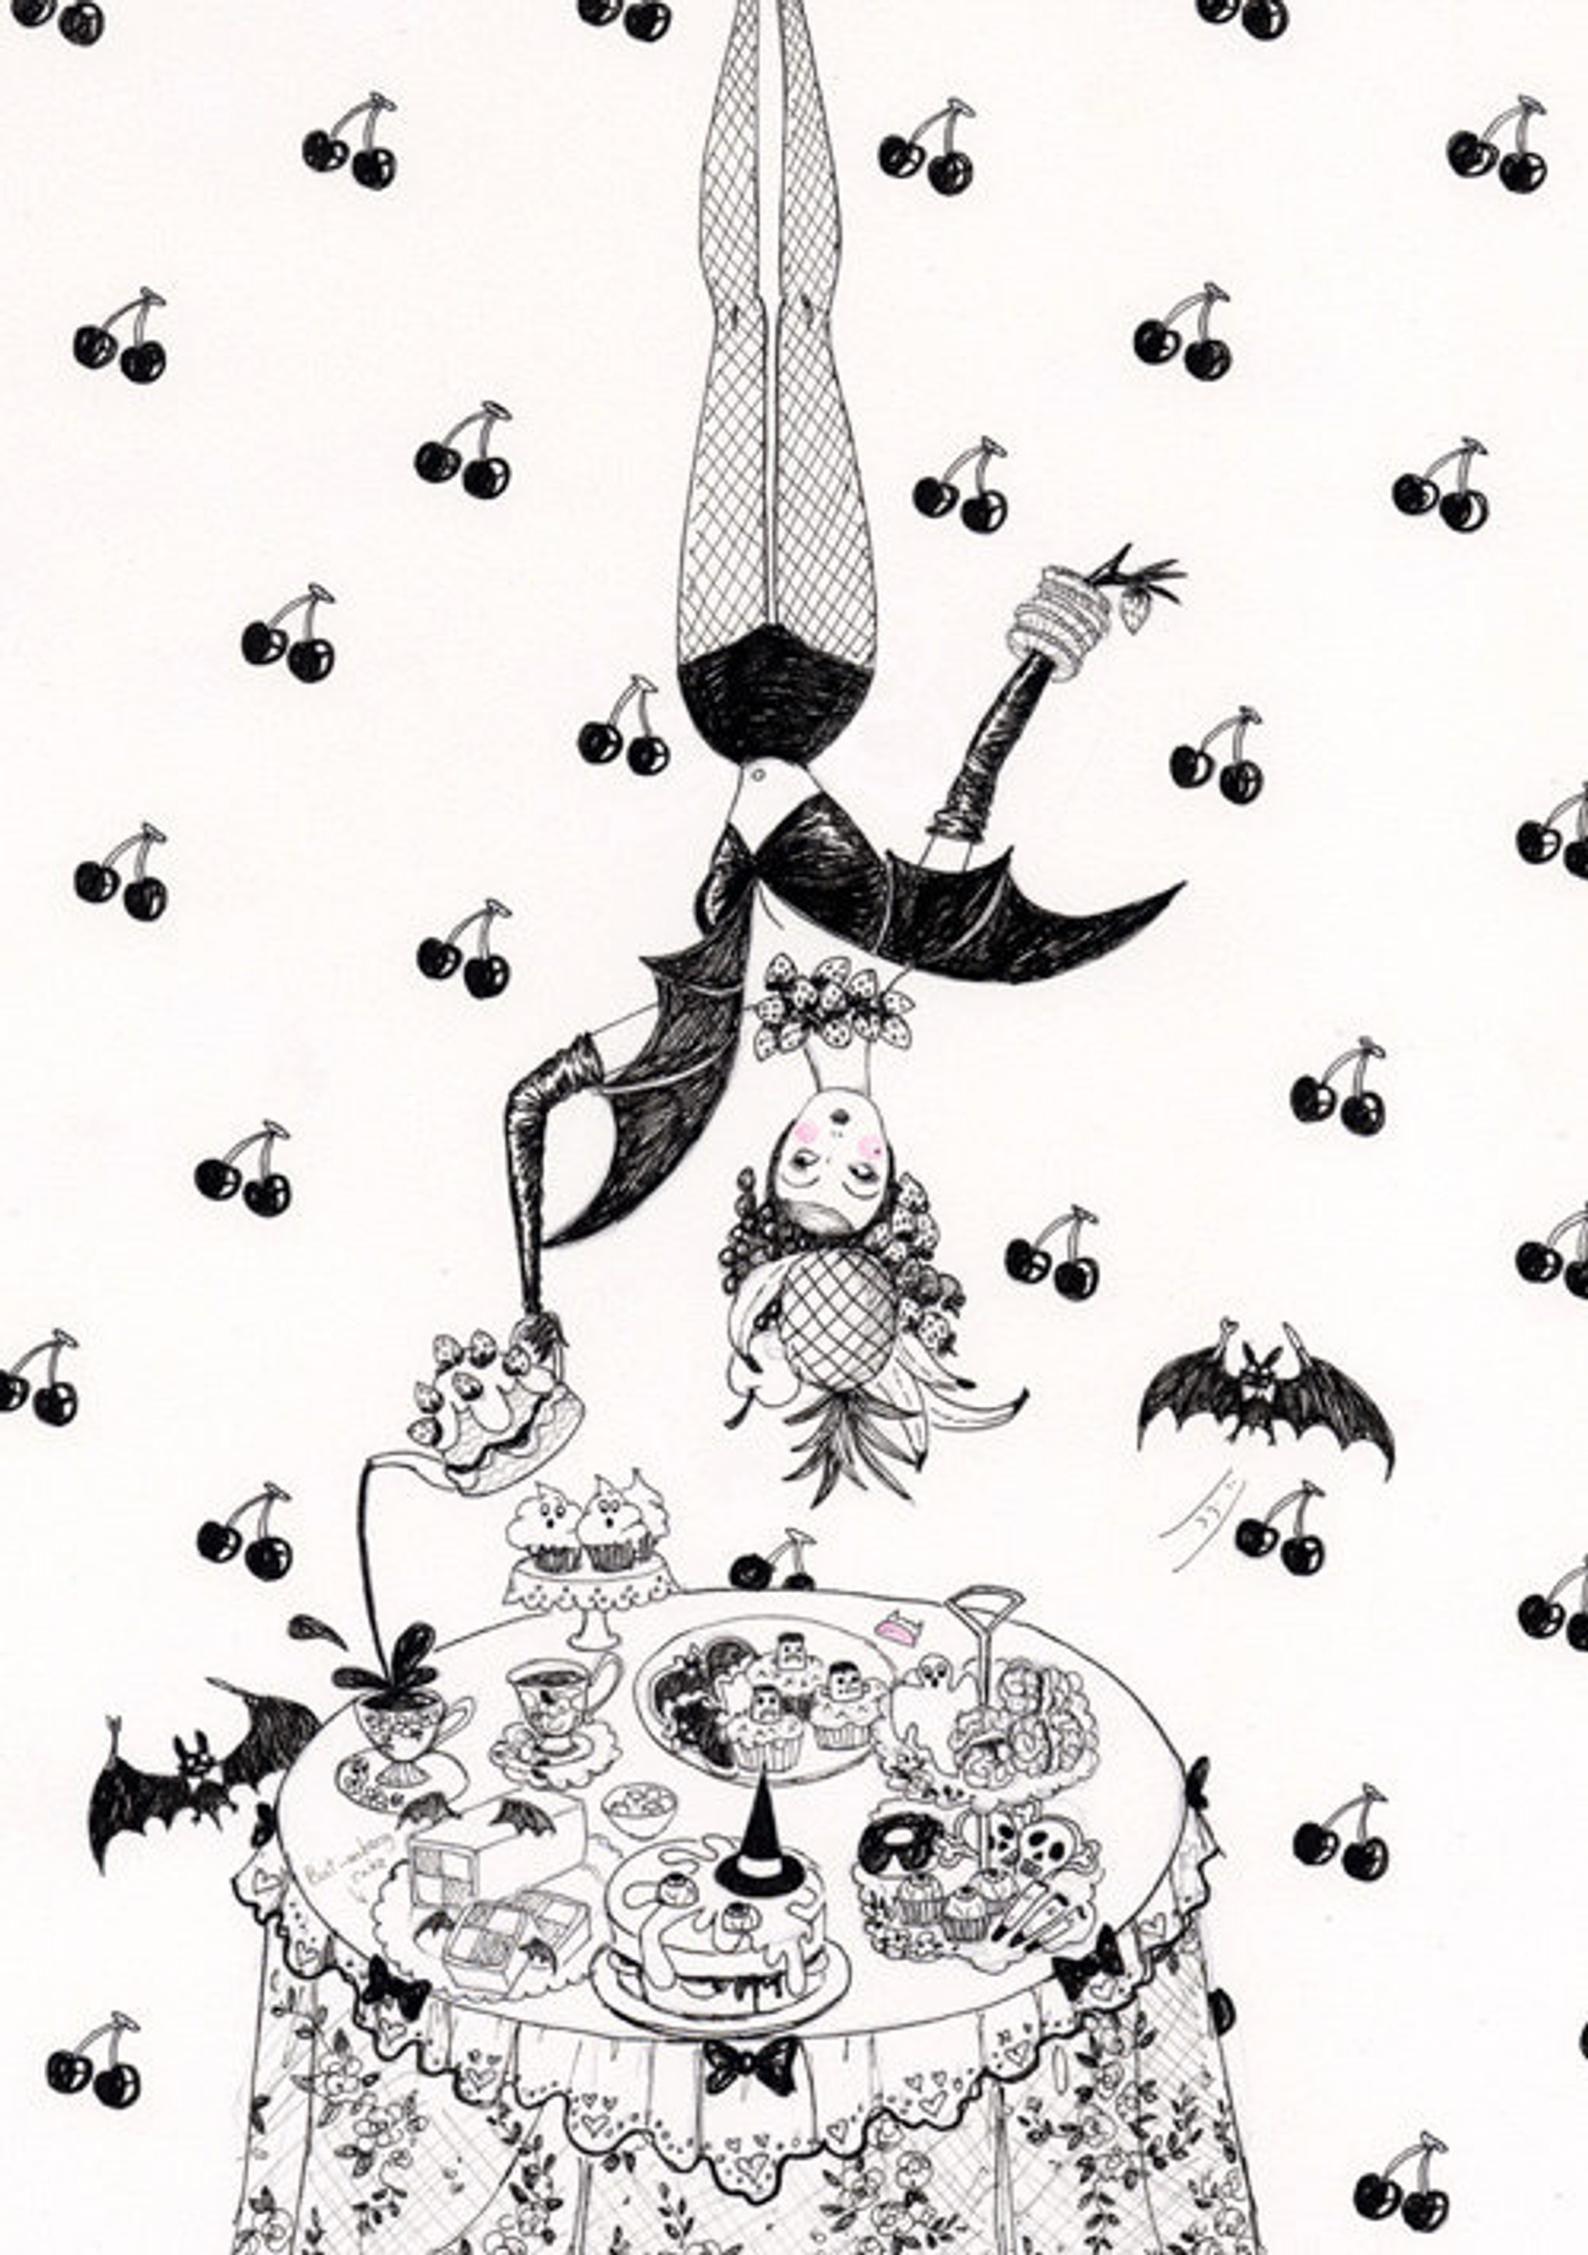 Fruit bat greeting card